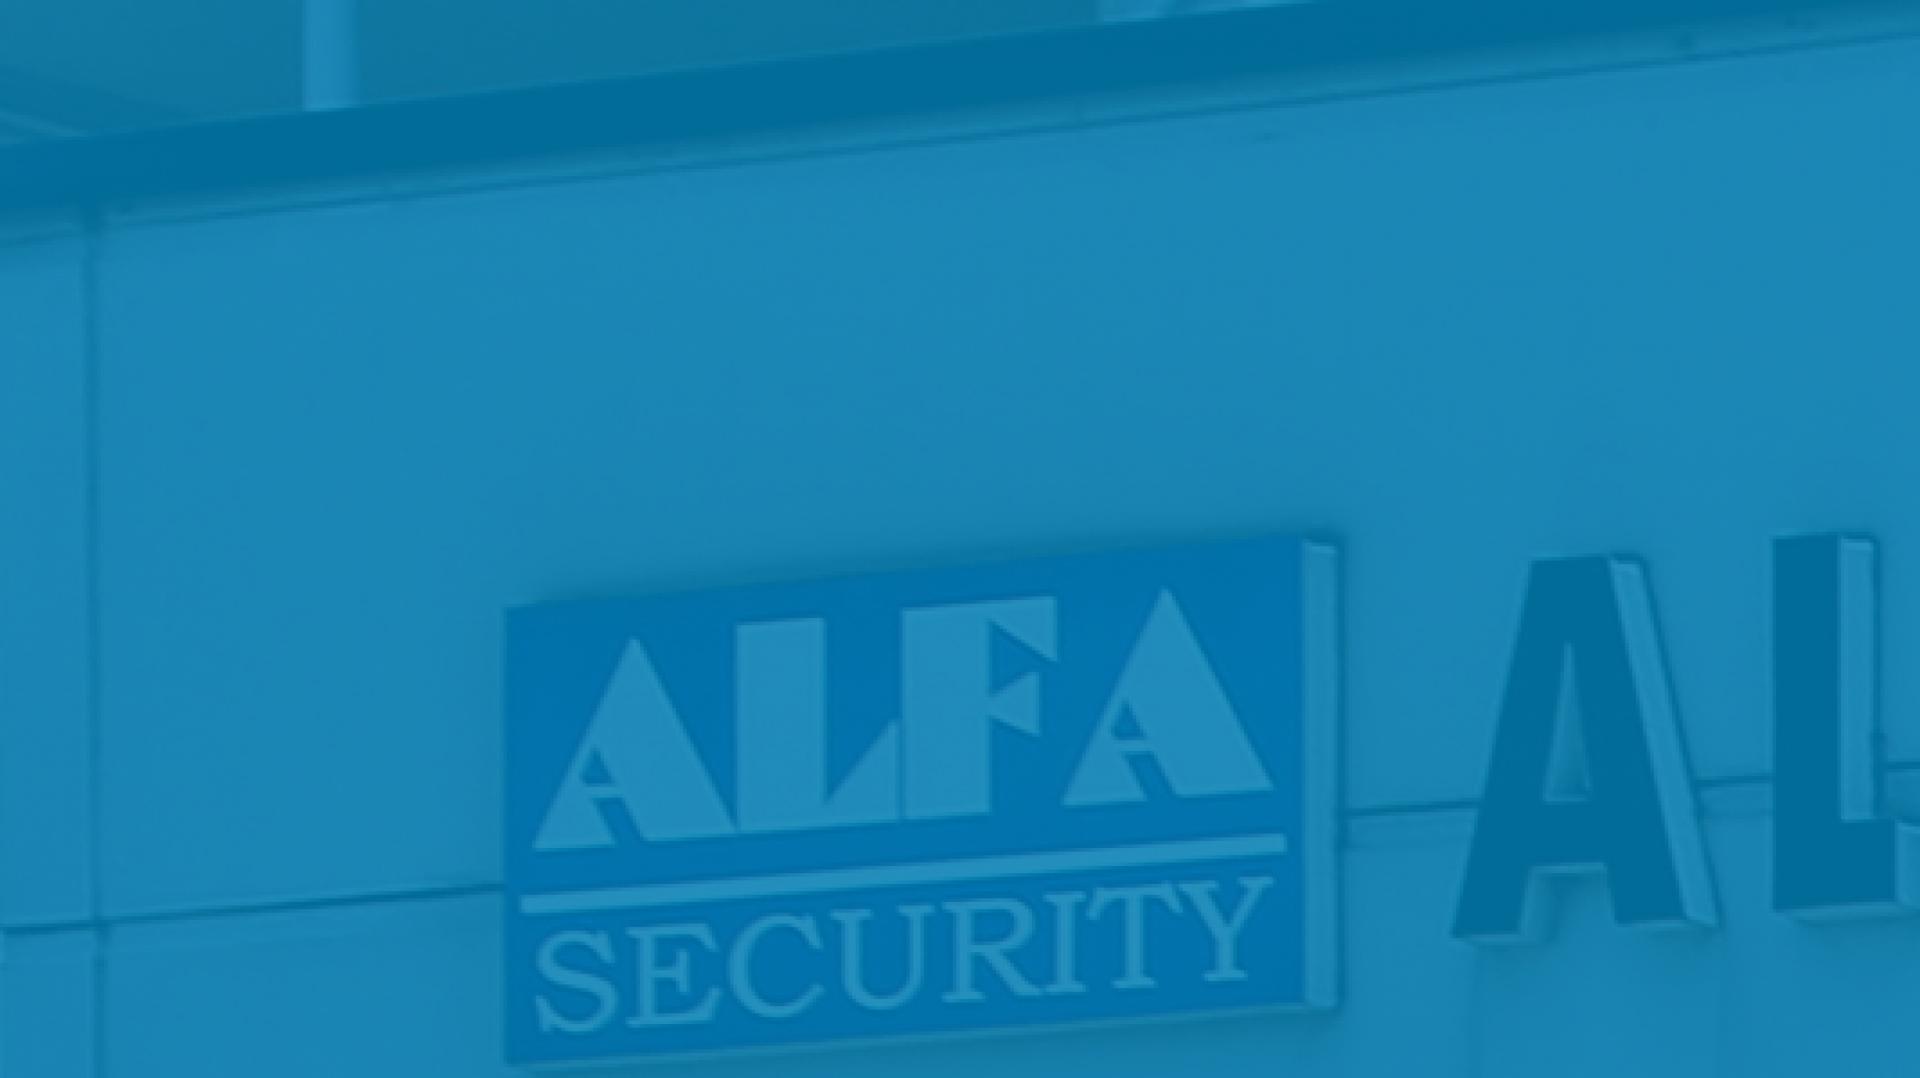 アルファ警備株式会社HP